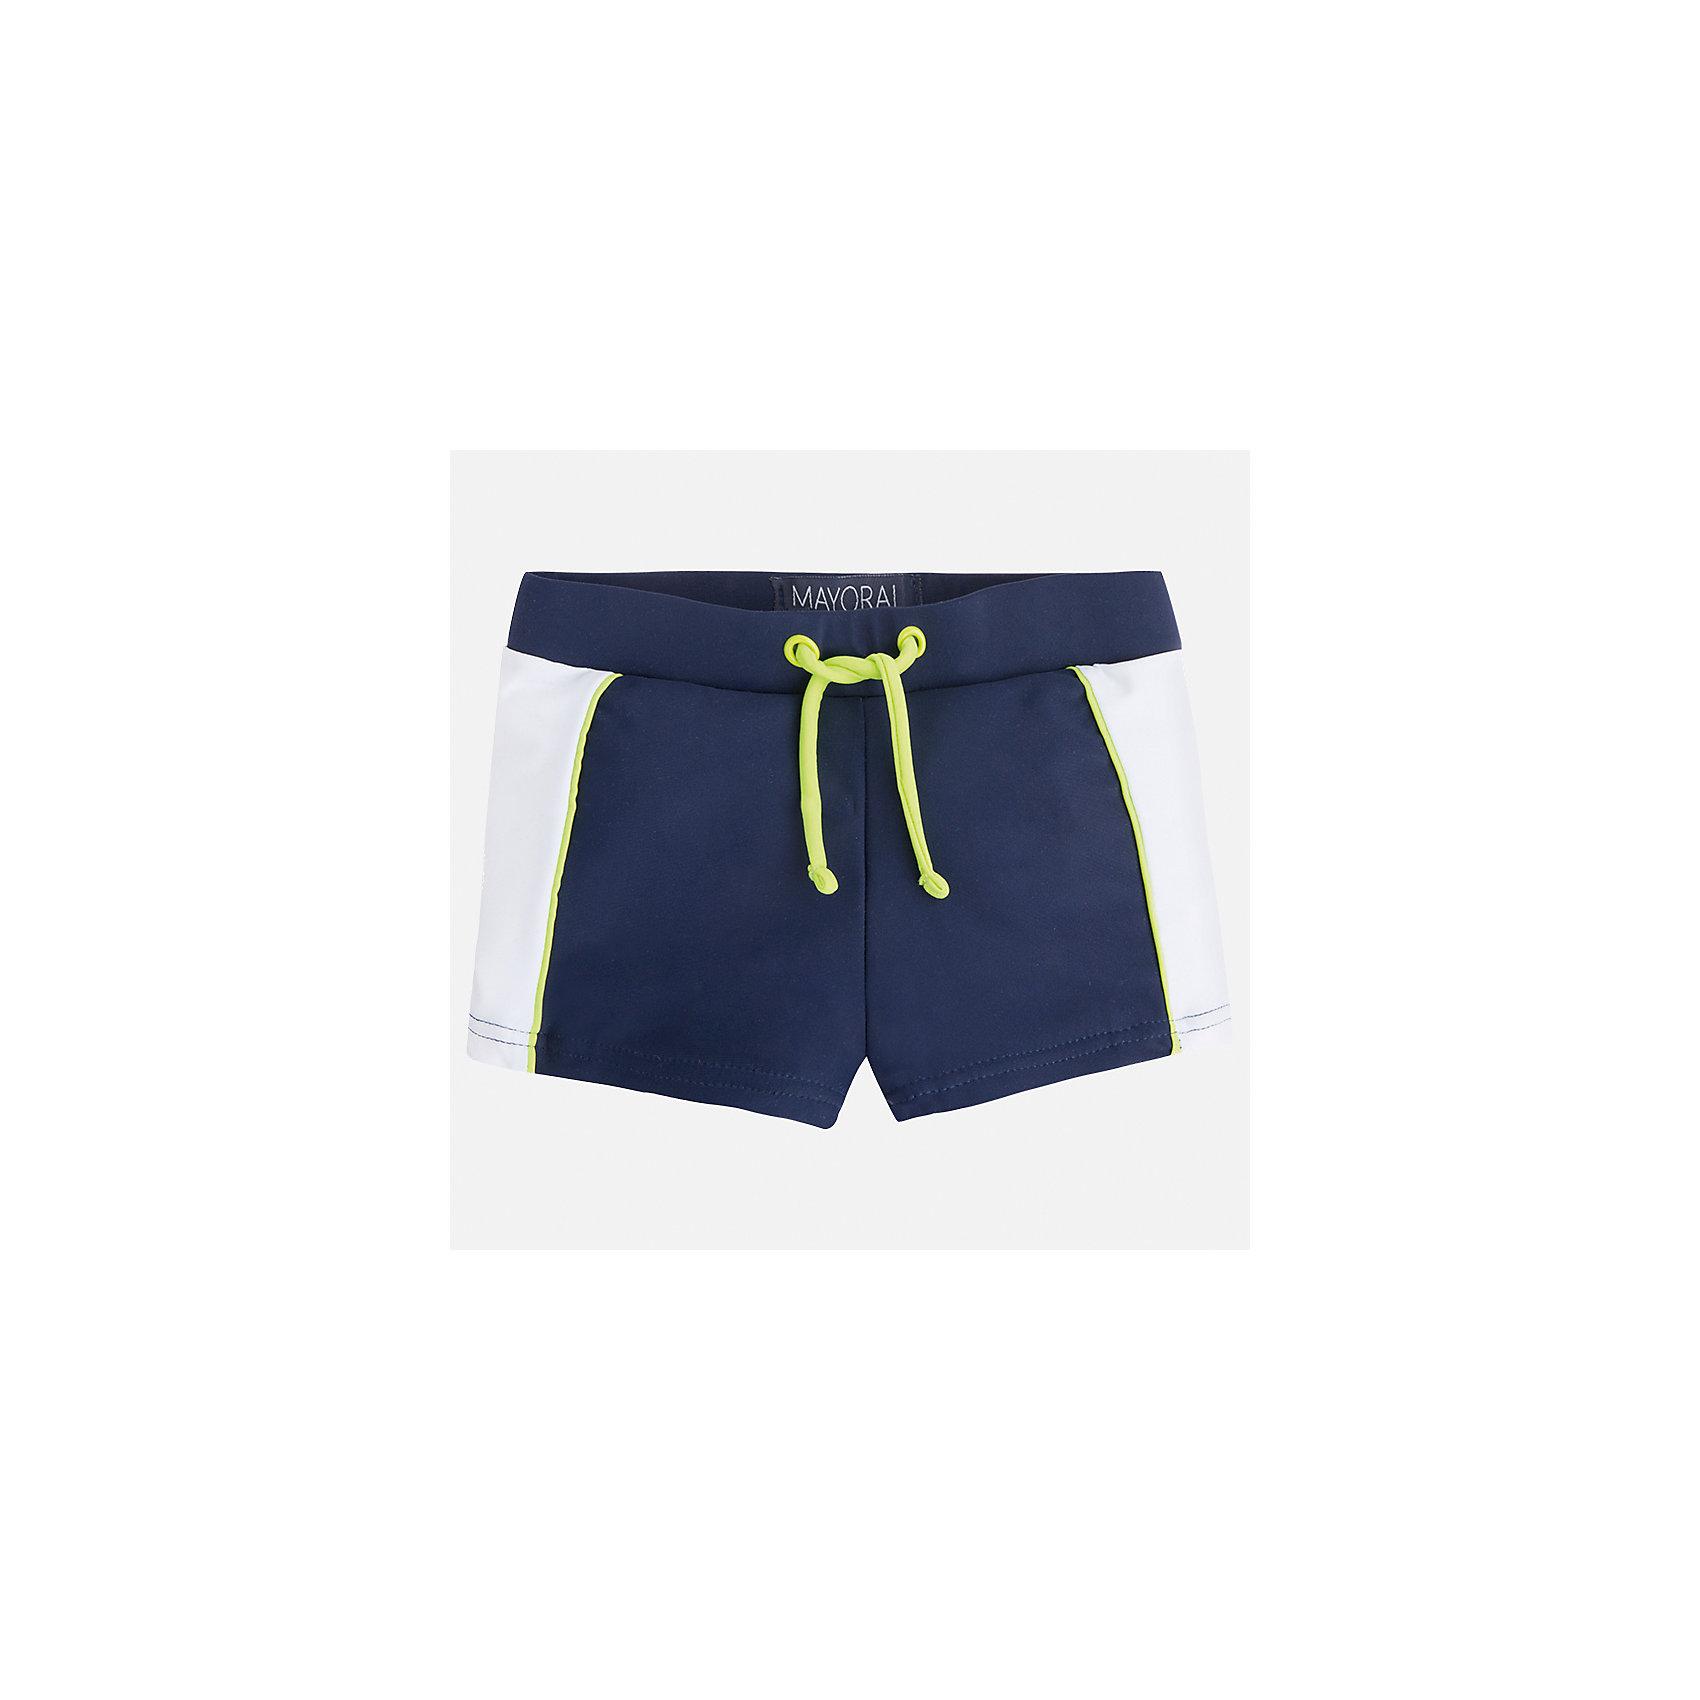 Плавки-шорты для мальчика MayoralХарактеристики товара:<br><br>• цвет: синий/белый<br>• состав: 80% полиамид, 20% эластан, подкладка - 100% полиэстер<br>• украшены принтом<br>• комплектация: 1 шт<br>• с подкладкой<br>• быстросохнущий материал<br>• страна бренда: Испания<br><br>Одежда для купания должна быть удобной! Эти плавки для мальчика не только хорошо сидят на ребенке, не стесняя движения и не натирая, они отлично смотрятся! Плавки сшиты из плотной ткани, но она очень быстро высыхает. Интересная расцветка модели делает её нарядной и оригинальной. <br><br>Одежда, обувь и аксессуары от испанского бренда Mayoral полюбились детям и взрослым по всему миру. Модели этой марки - стильные и удобные. Для их производства используются только безопасные, качественные материалы и фурнитура. Порадуйте ребенка модными и красивыми вещами от Mayoral! <br><br>Плавки для мальчика от испанского бренда Mayoral (Майорал) можно купить в нашем интернет-магазине.<br><br>Ширина мм: 183<br>Глубина мм: 60<br>Высота мм: 135<br>Вес г: 119<br>Цвет: синий<br>Возраст от месяцев: 48<br>Возраст до месяцев: 60<br>Пол: Мужской<br>Возраст: Детский<br>Размер: 128,122,116,104,98,92,134,110<br>SKU: 5281063